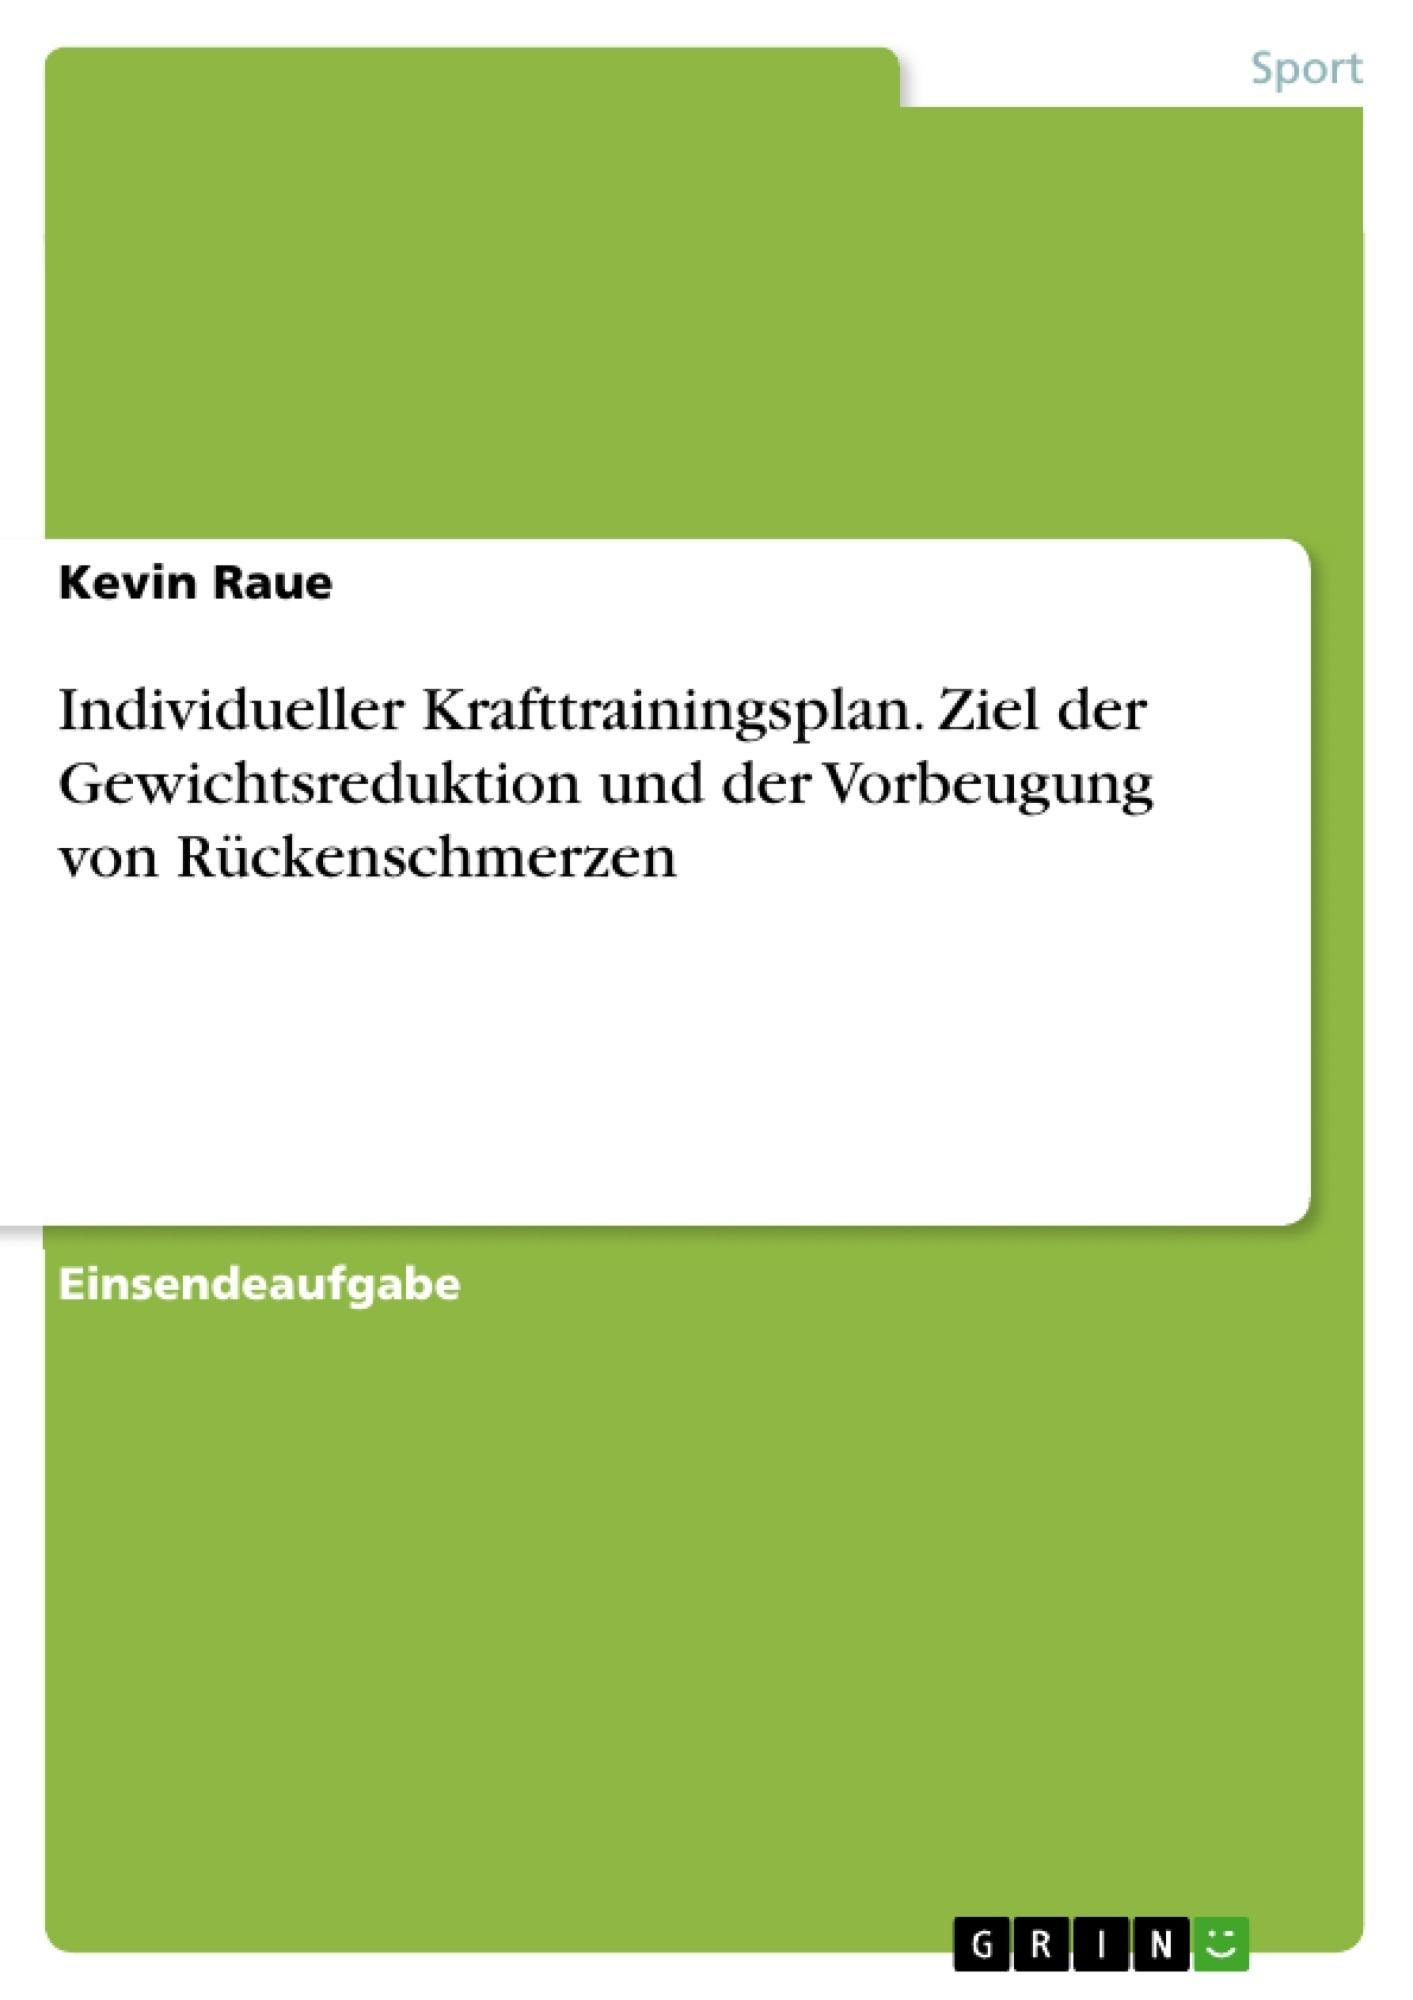 Titel: Individueller Krafttrainingsplan. Ziel der Gewichtsreduktion und der Vorbeugung von Rückenschmerzen